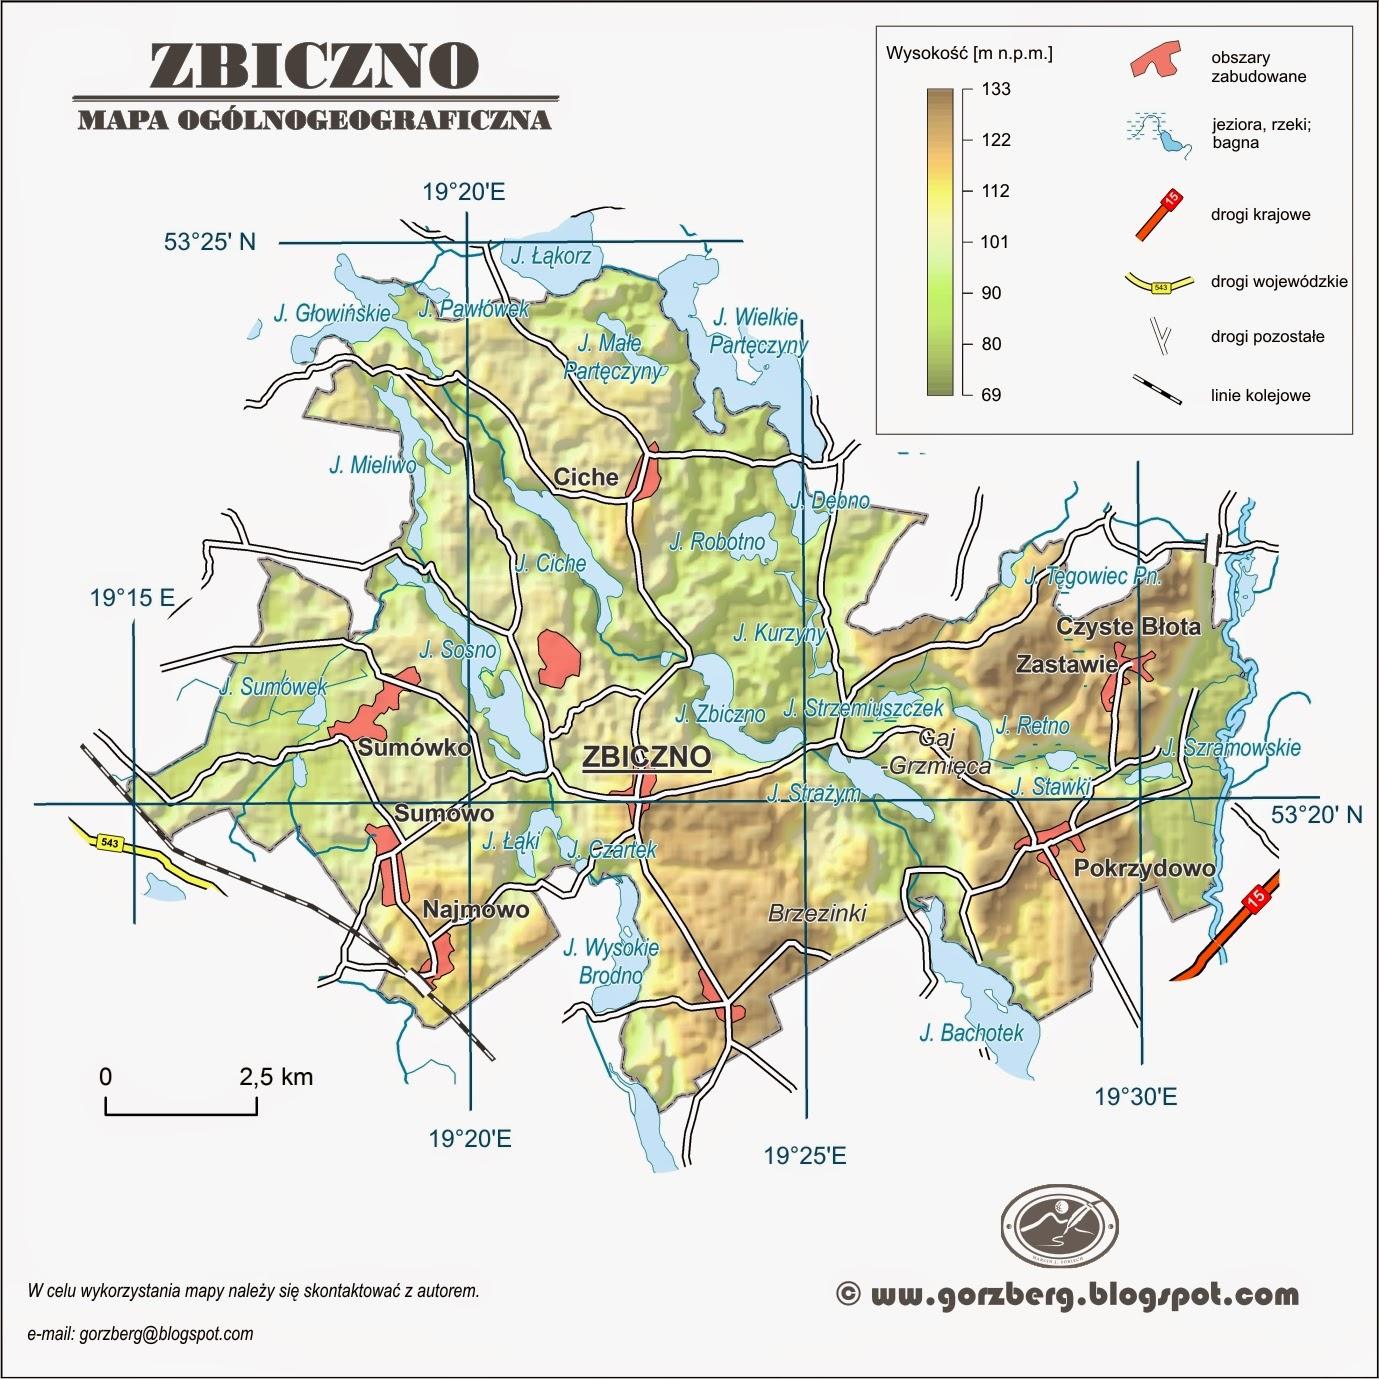 Mapa ogólnogeograficzna gminy Zbiczno